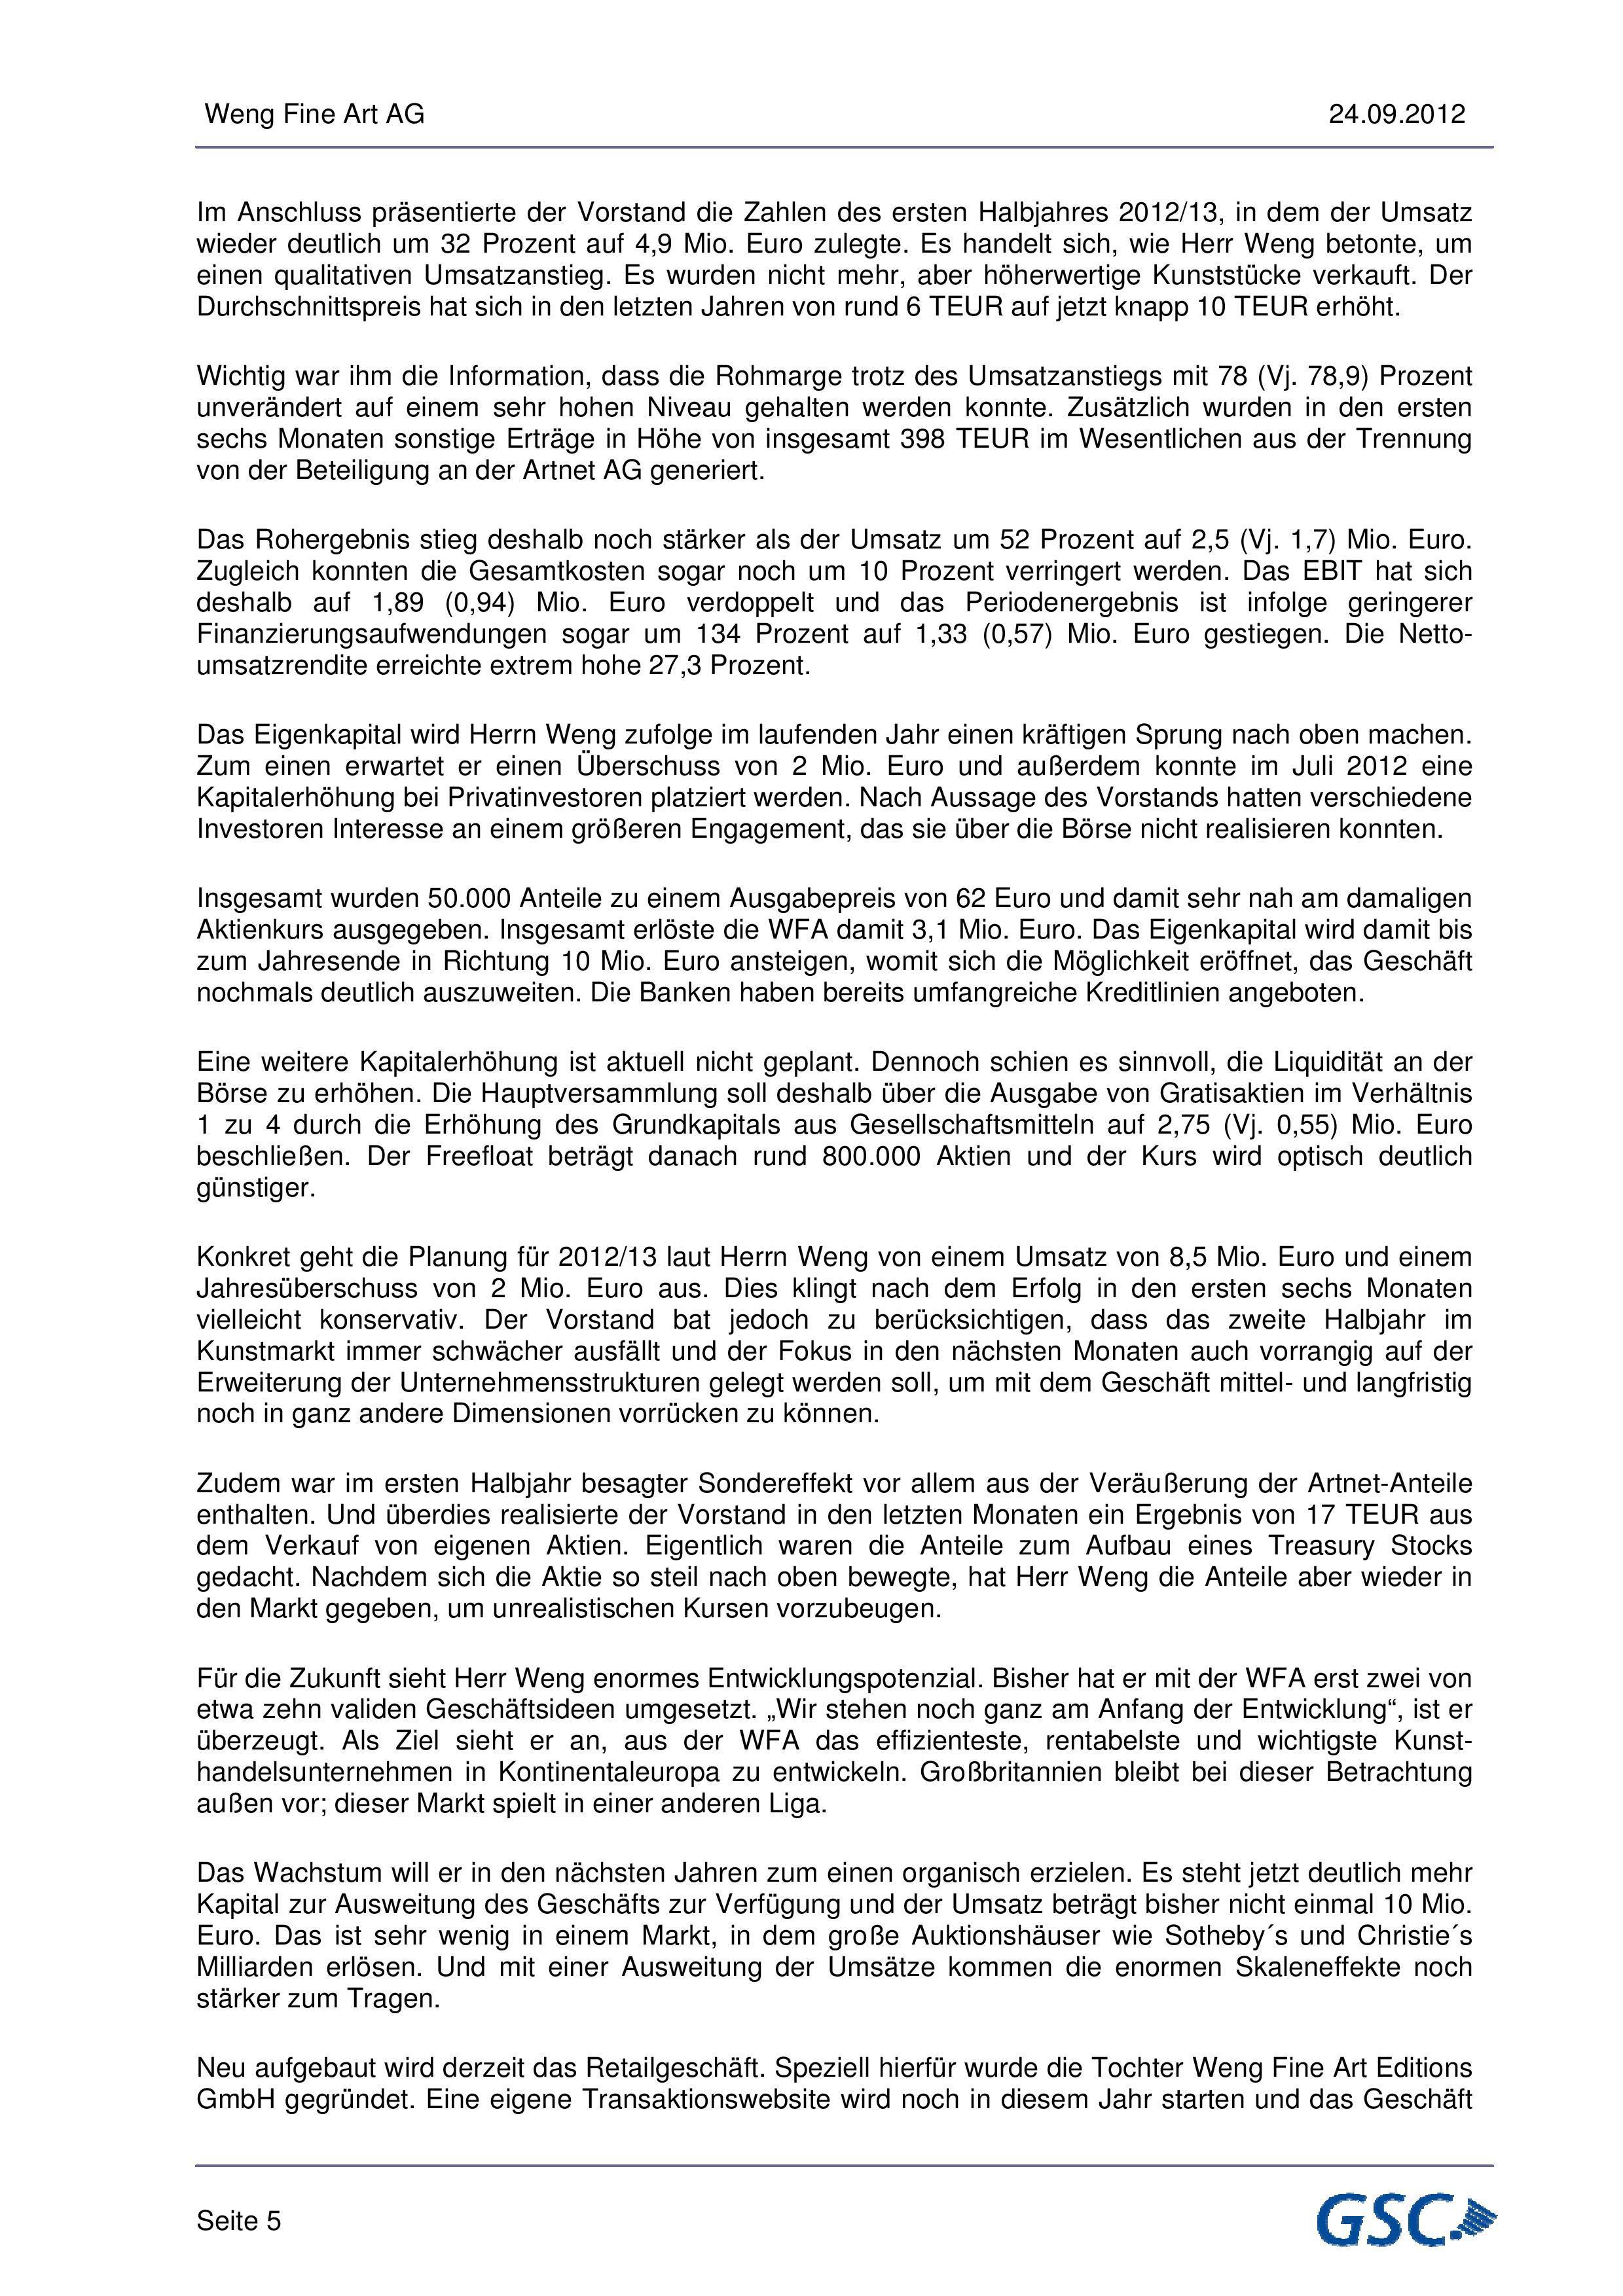 Weng_Fine_Art_AG_HV-Bericht_2012-09-24-page-005.jpg#asset:3529